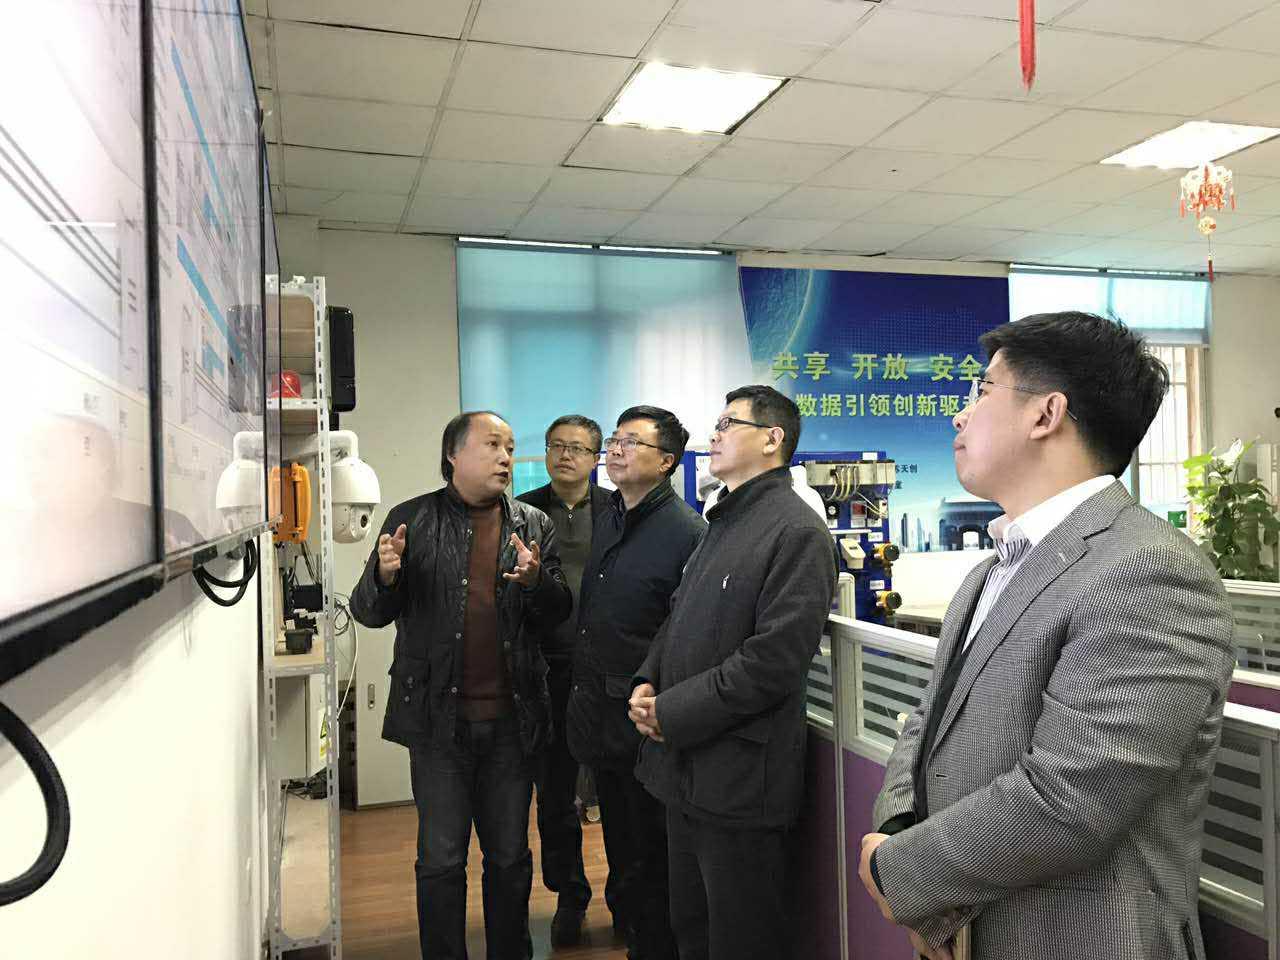 南京审计大学金审学院李敏院长一行到天创公司考察指导